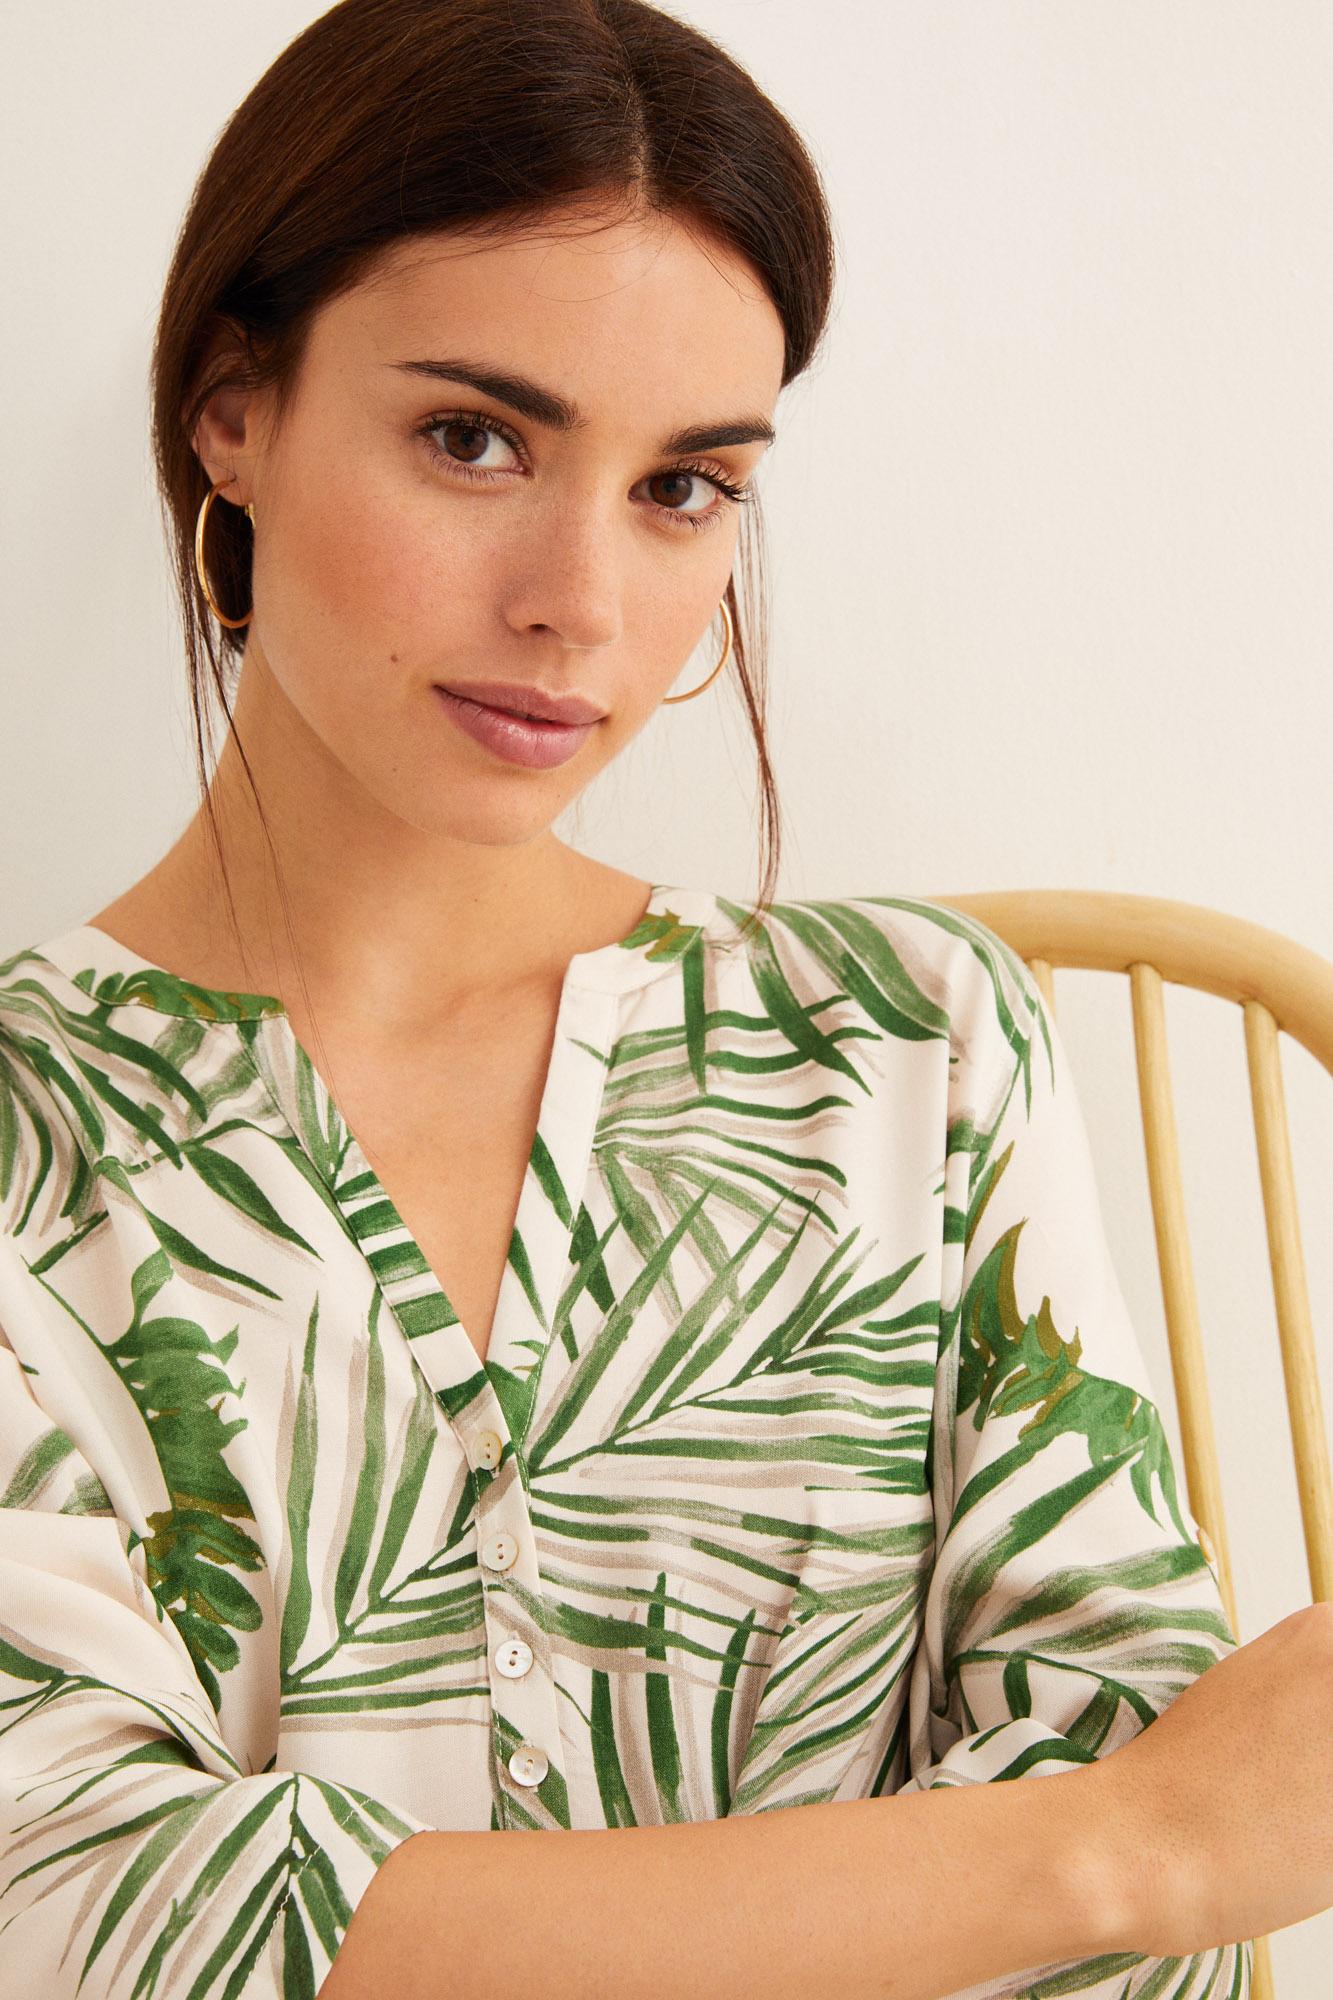 Camisola estampada | Camisones | Women'secret